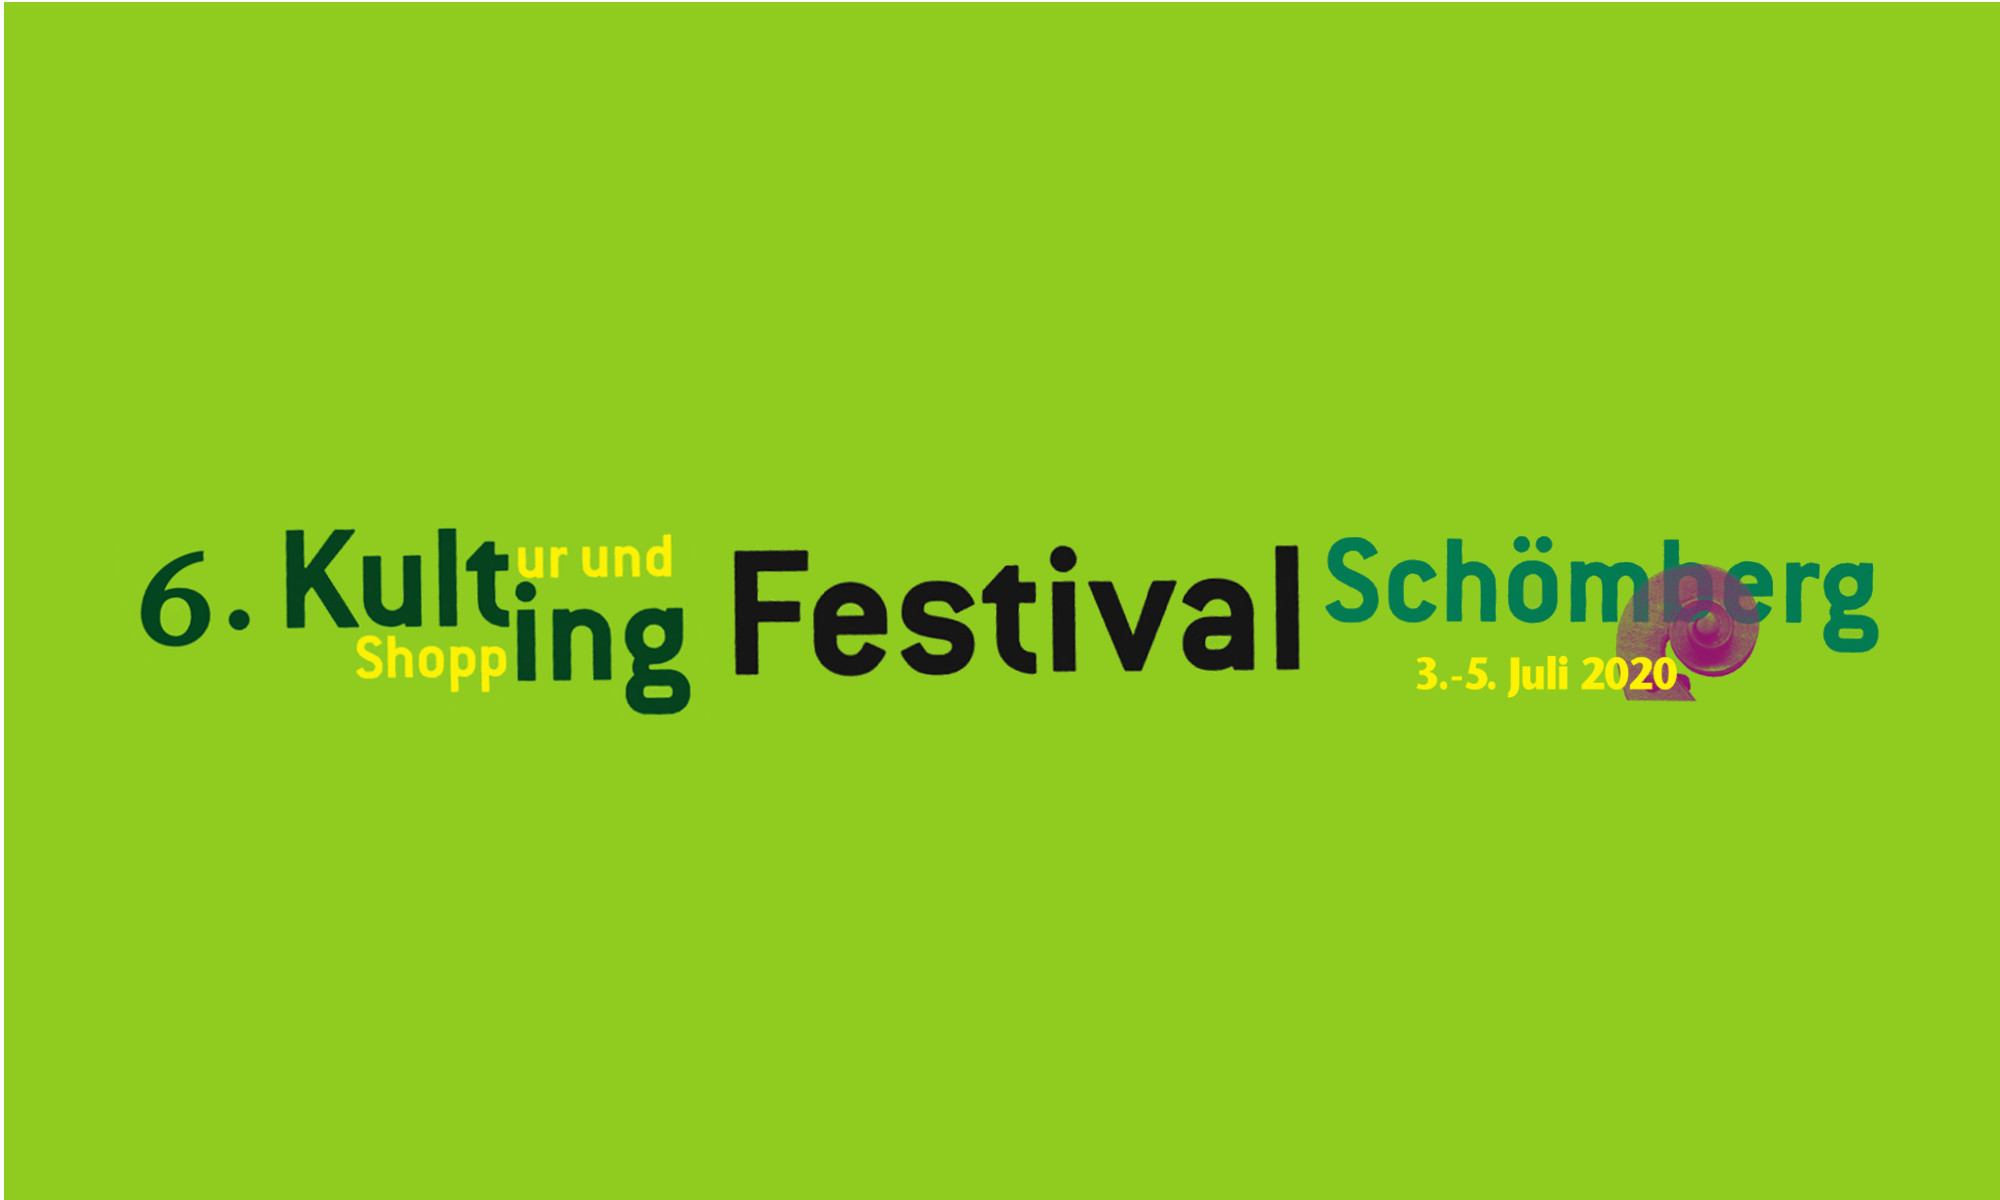 Kulting-Festival Schömberg